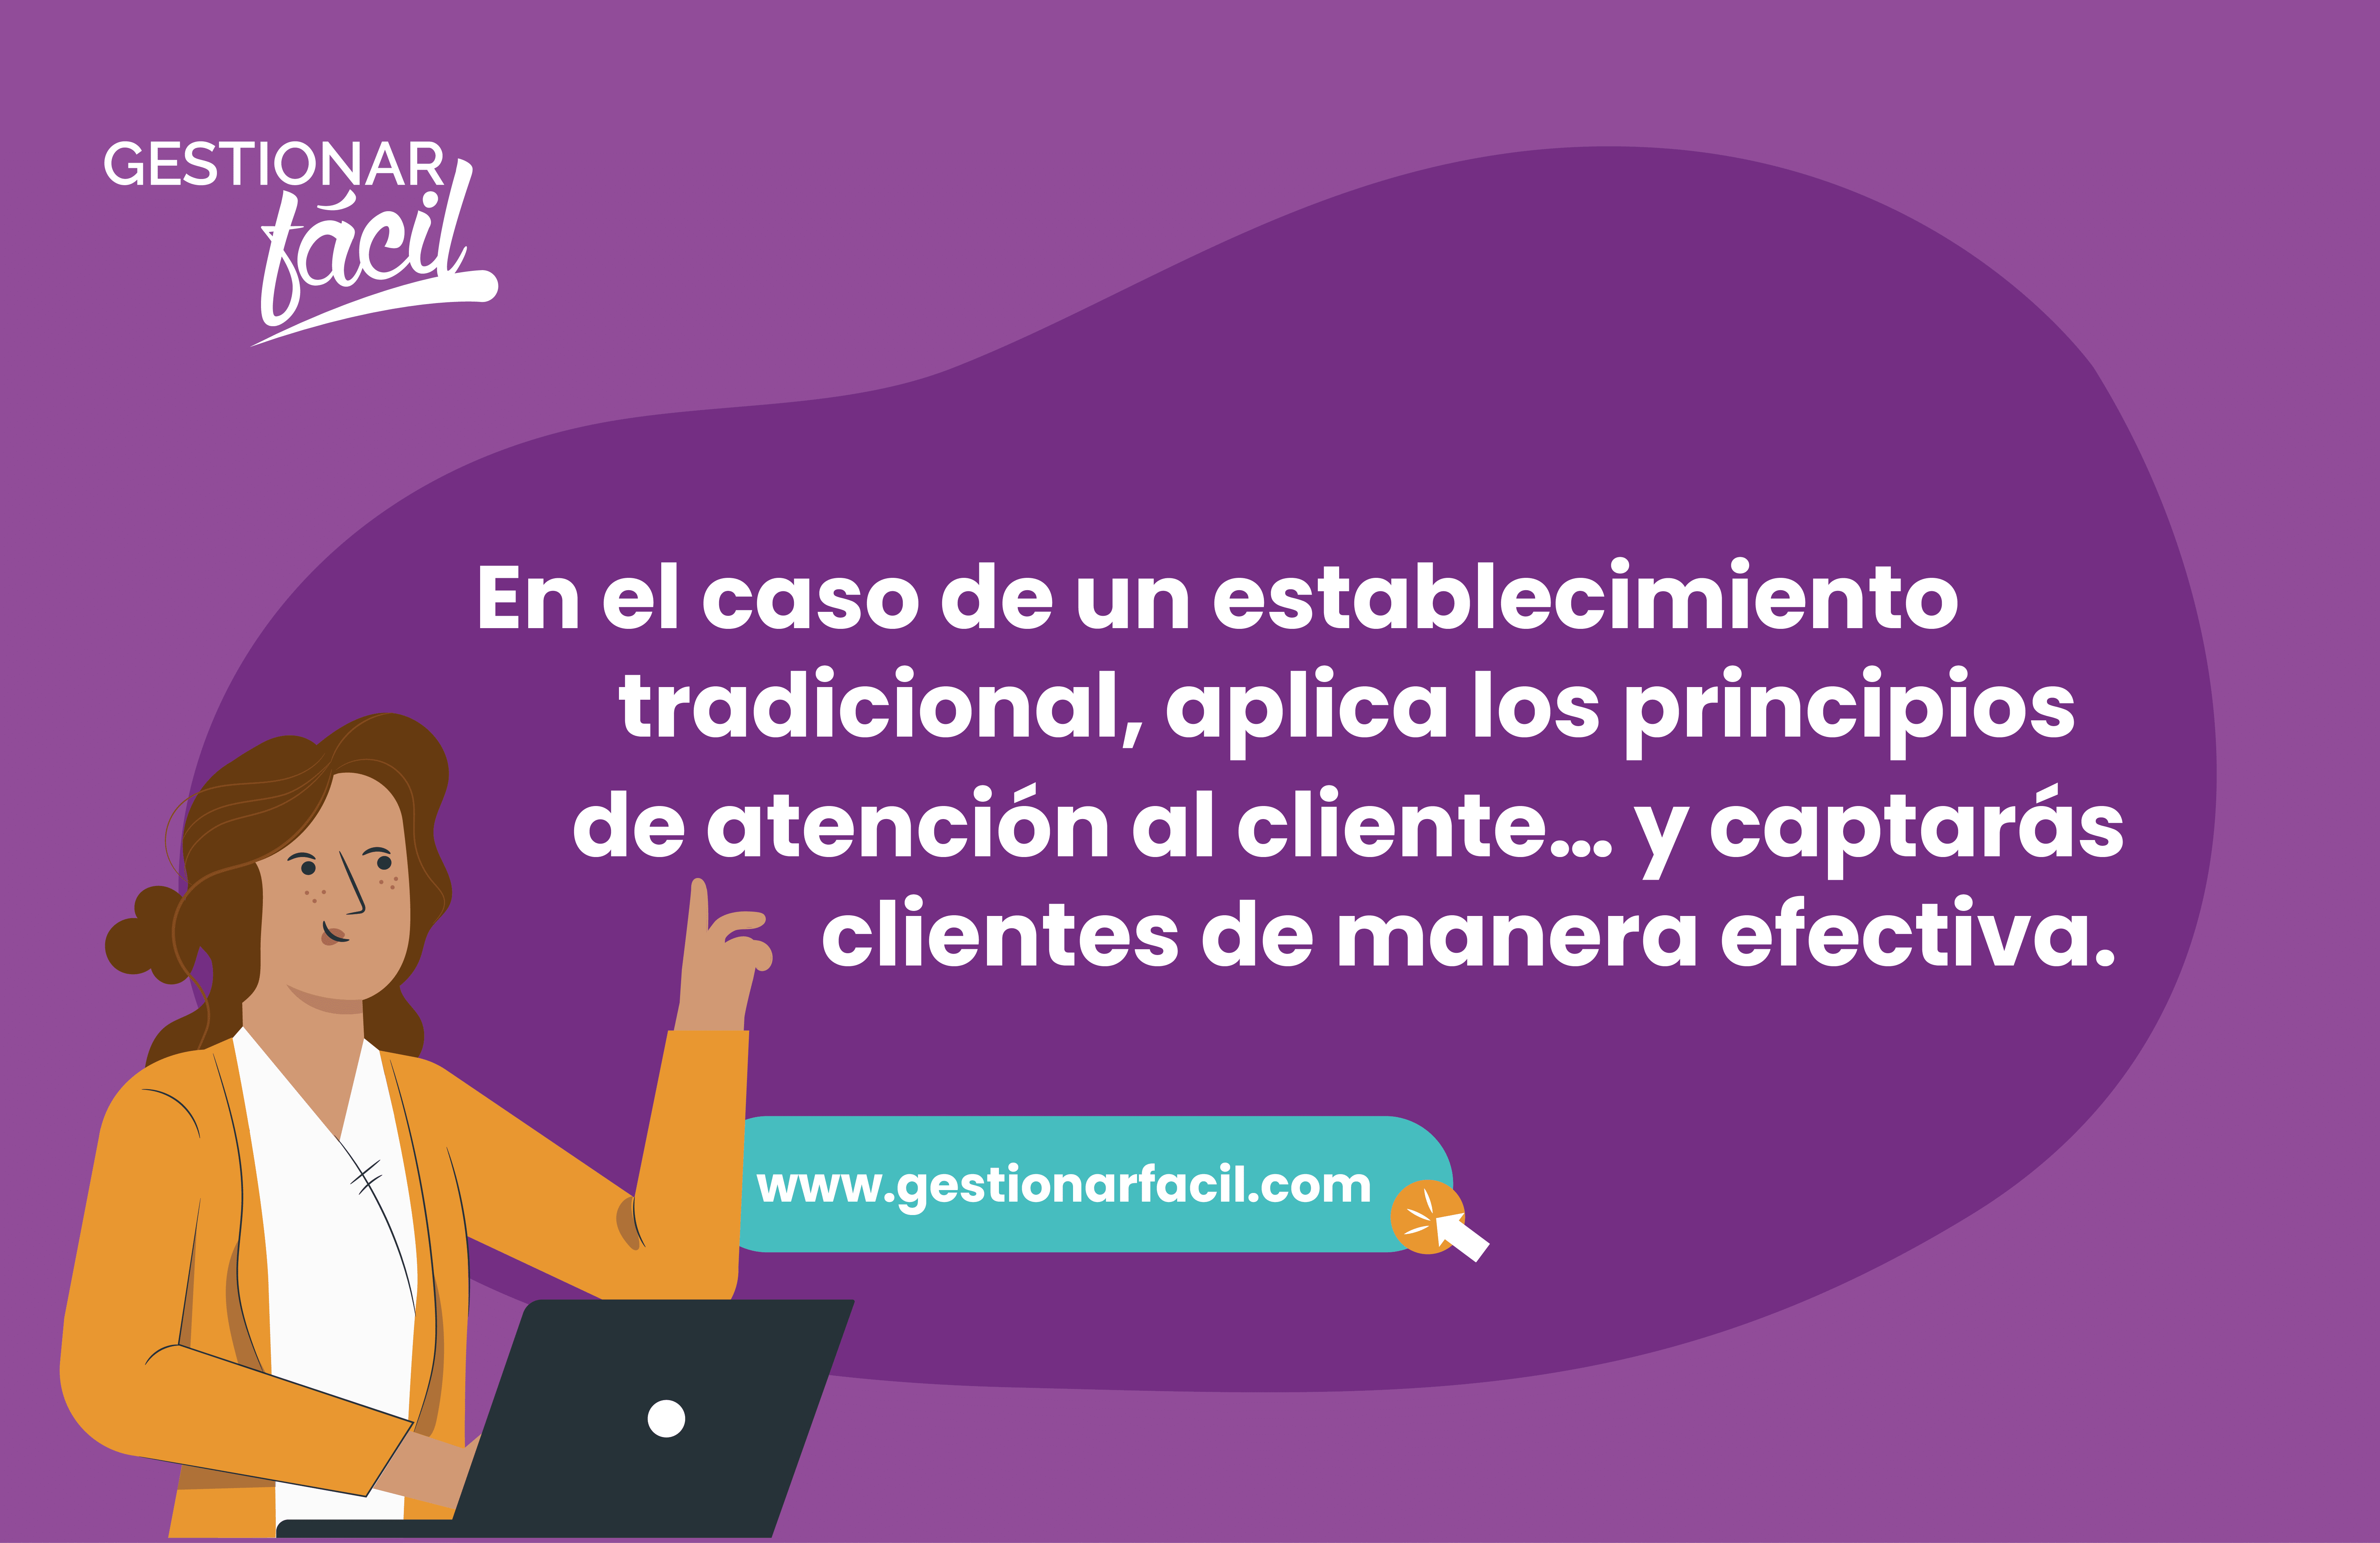 Aplica los principios de atención al cliente si tienes un establecimiento tradicional, así captarás clientes de manera efectiva.